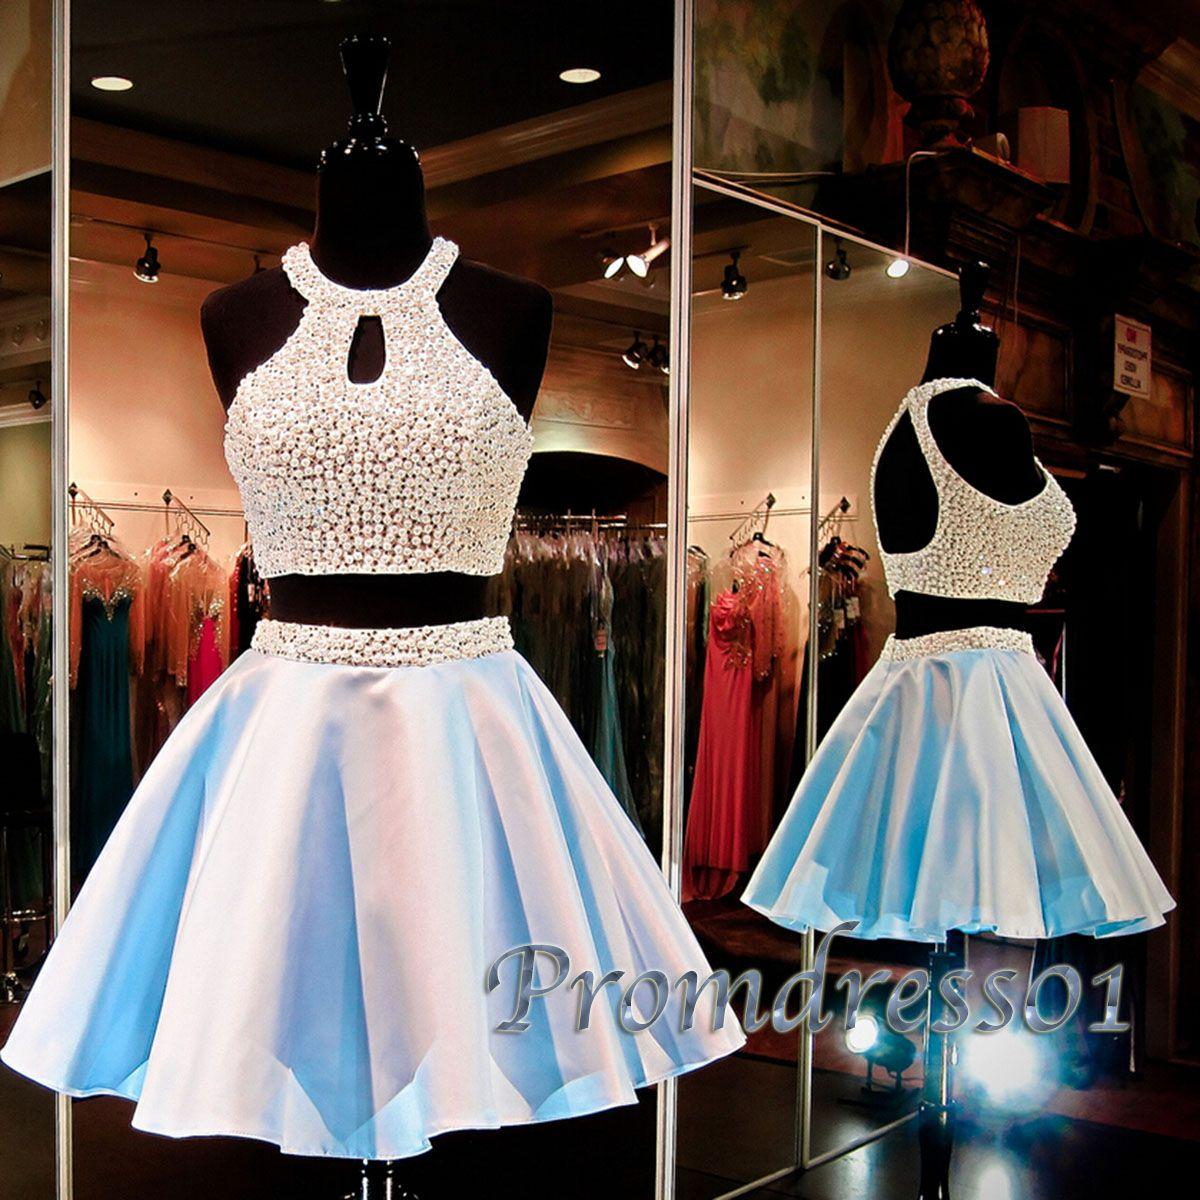 Mini Prom Dresses for Teens